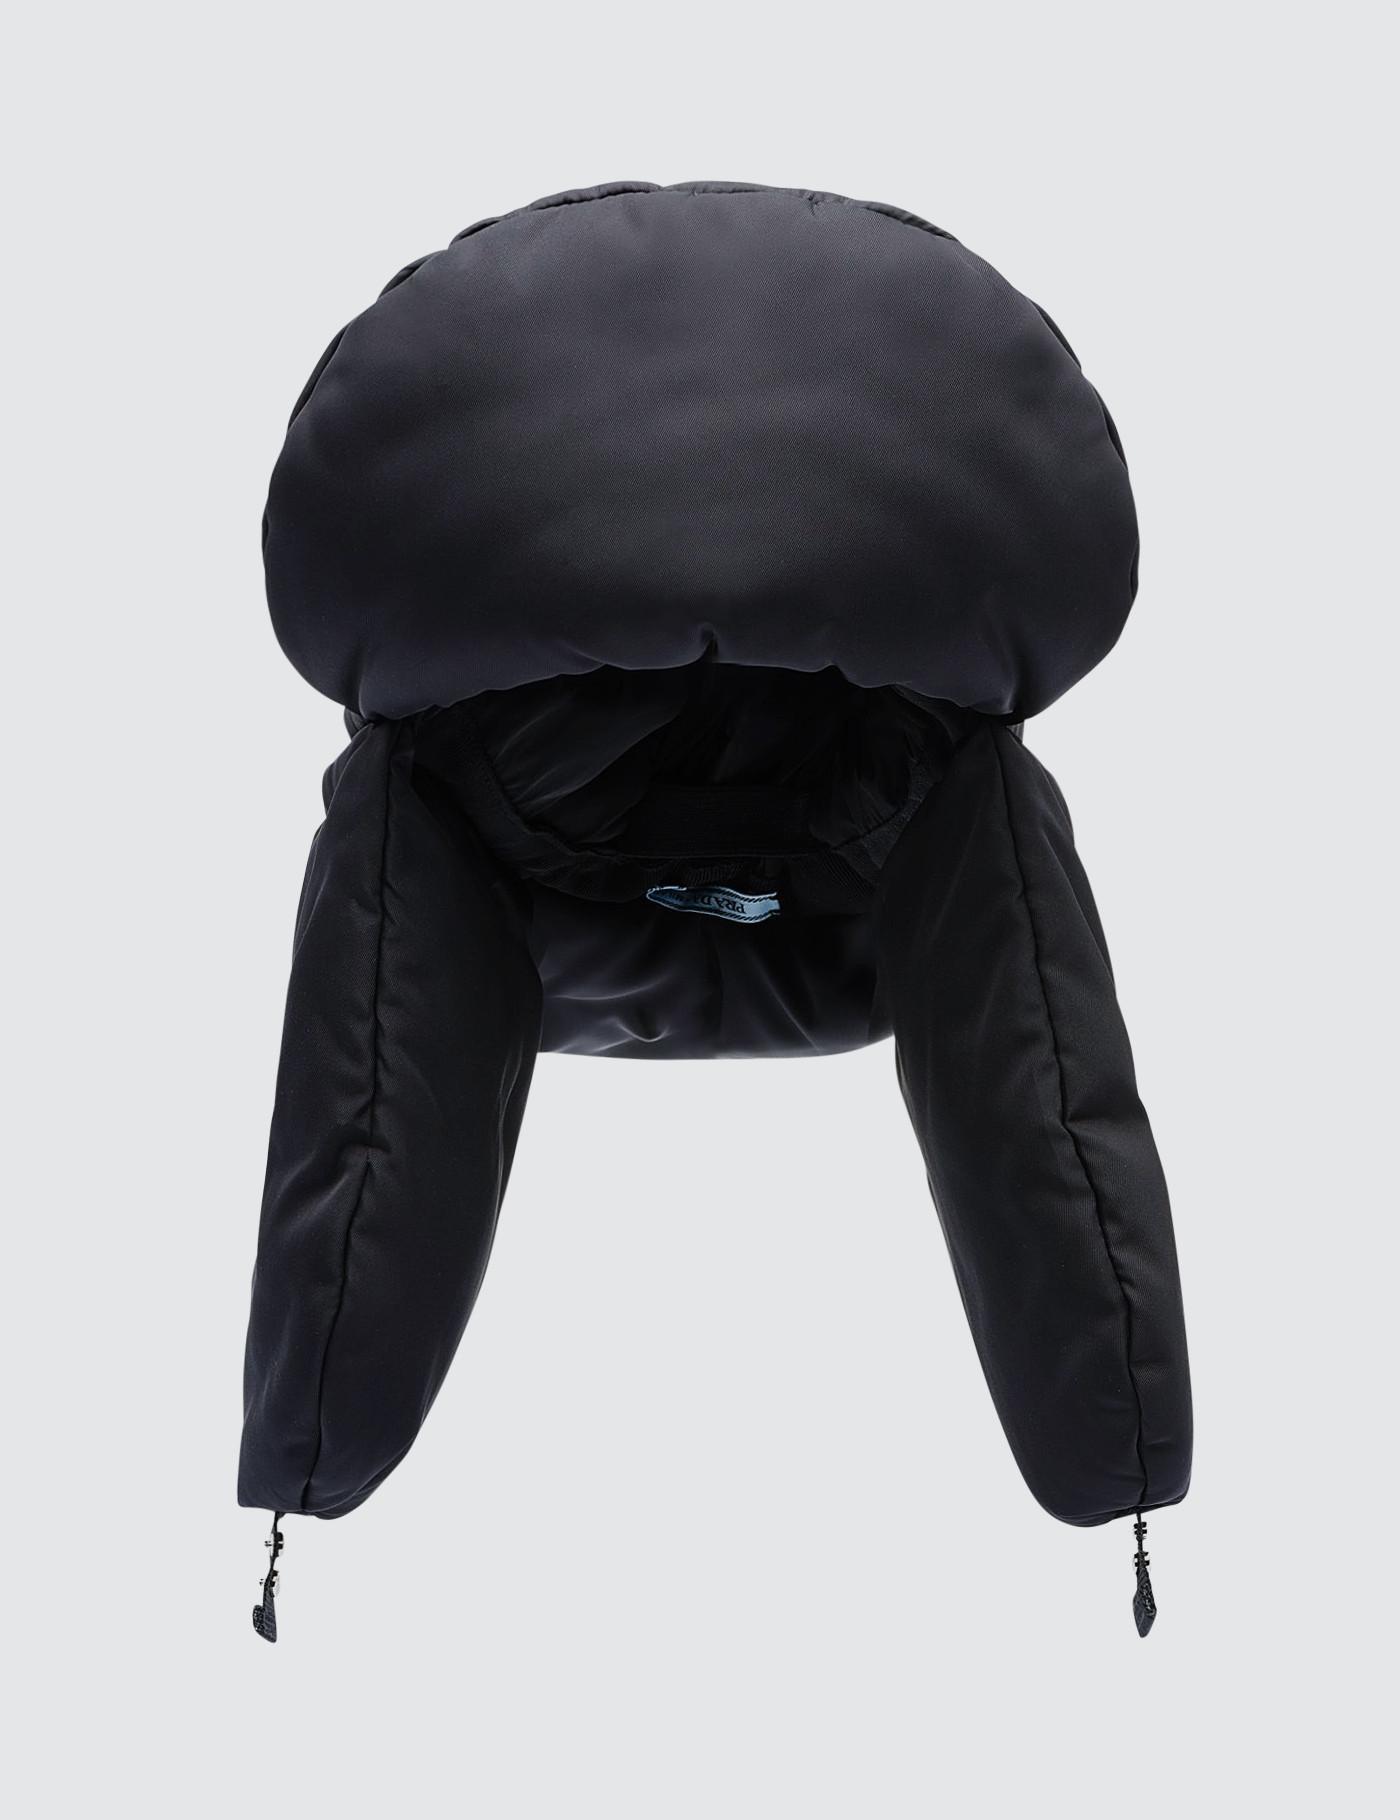 c401d22d302 Lyst - Prada Padded Nylon Gabardine Hat in Black for Men